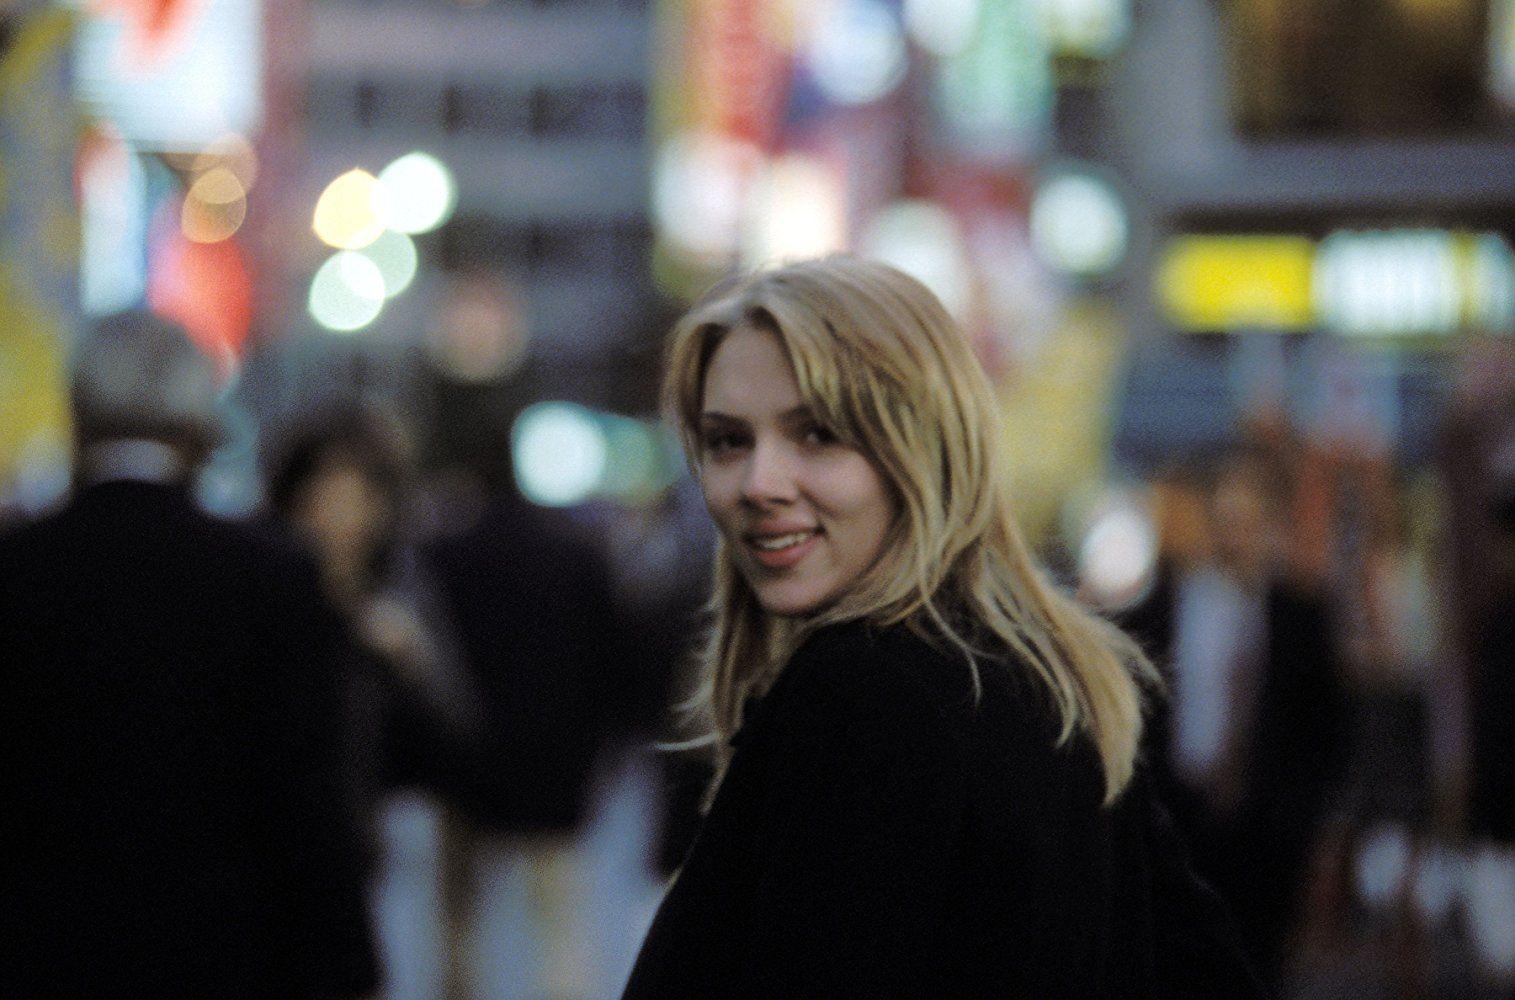 Scarlett Johansson lost in translationScarlett Johansson lost in translation